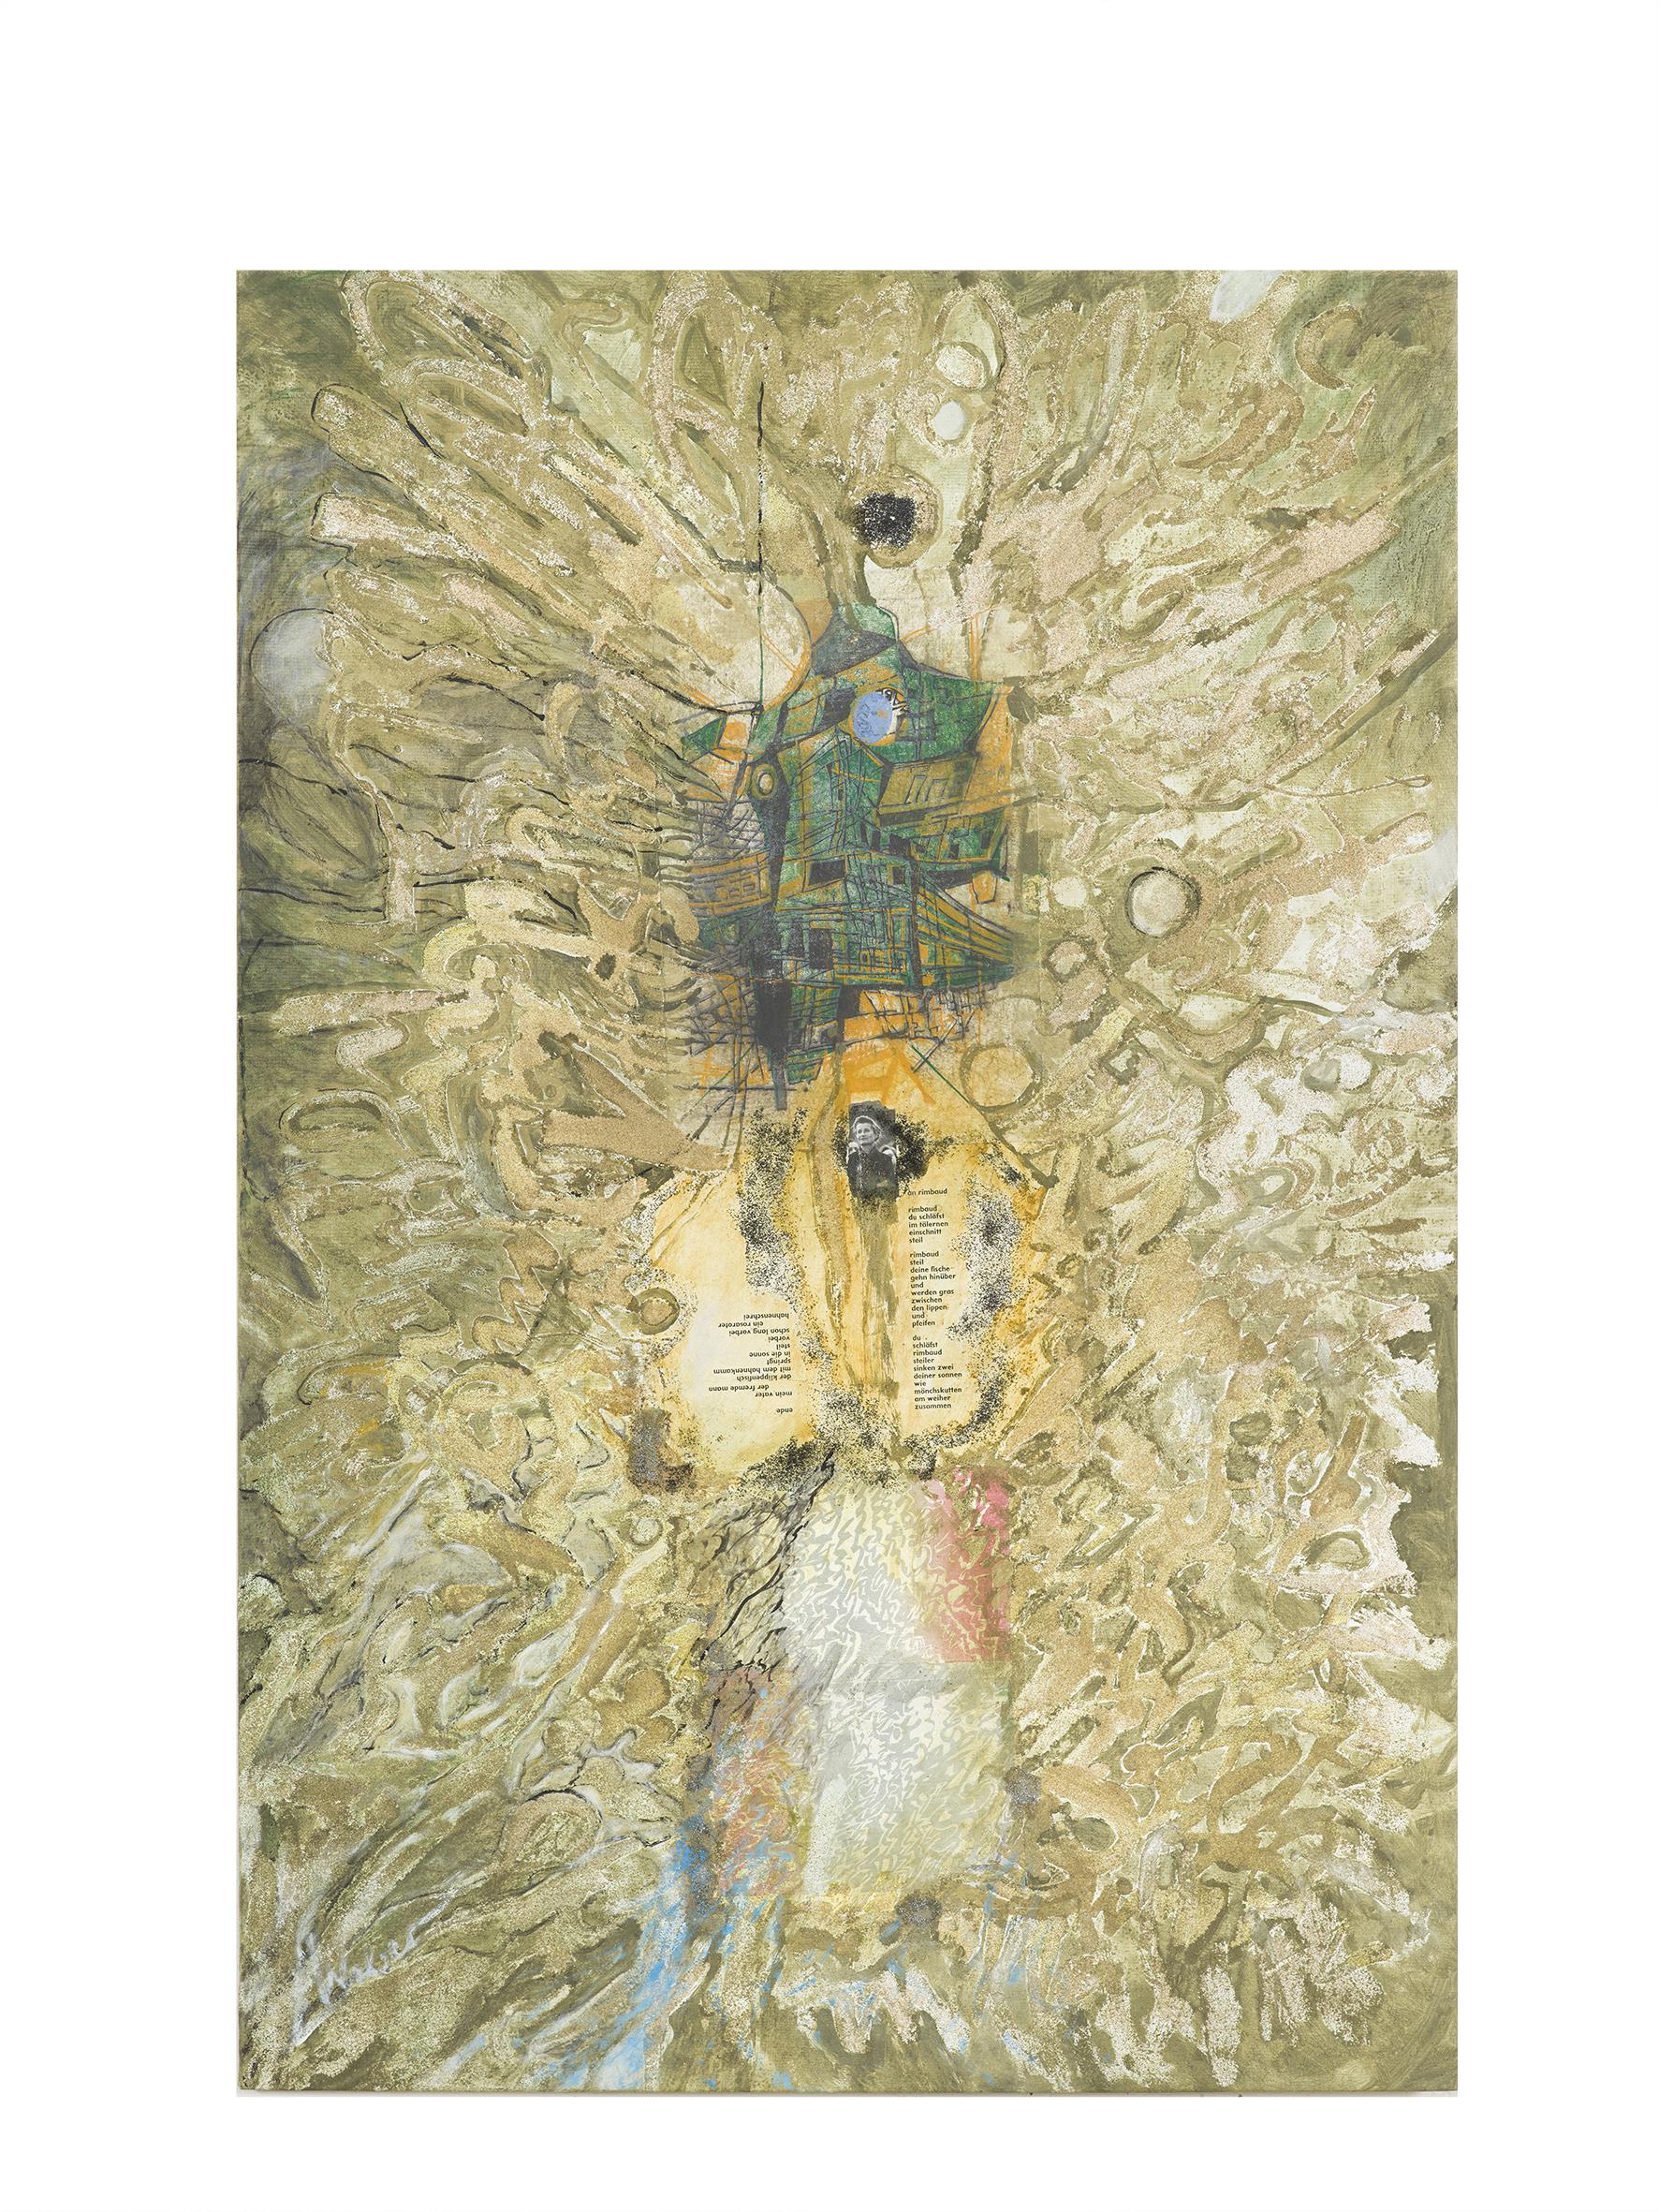 Elfriede Jelinek - ein rosaroter Hahnenschrei